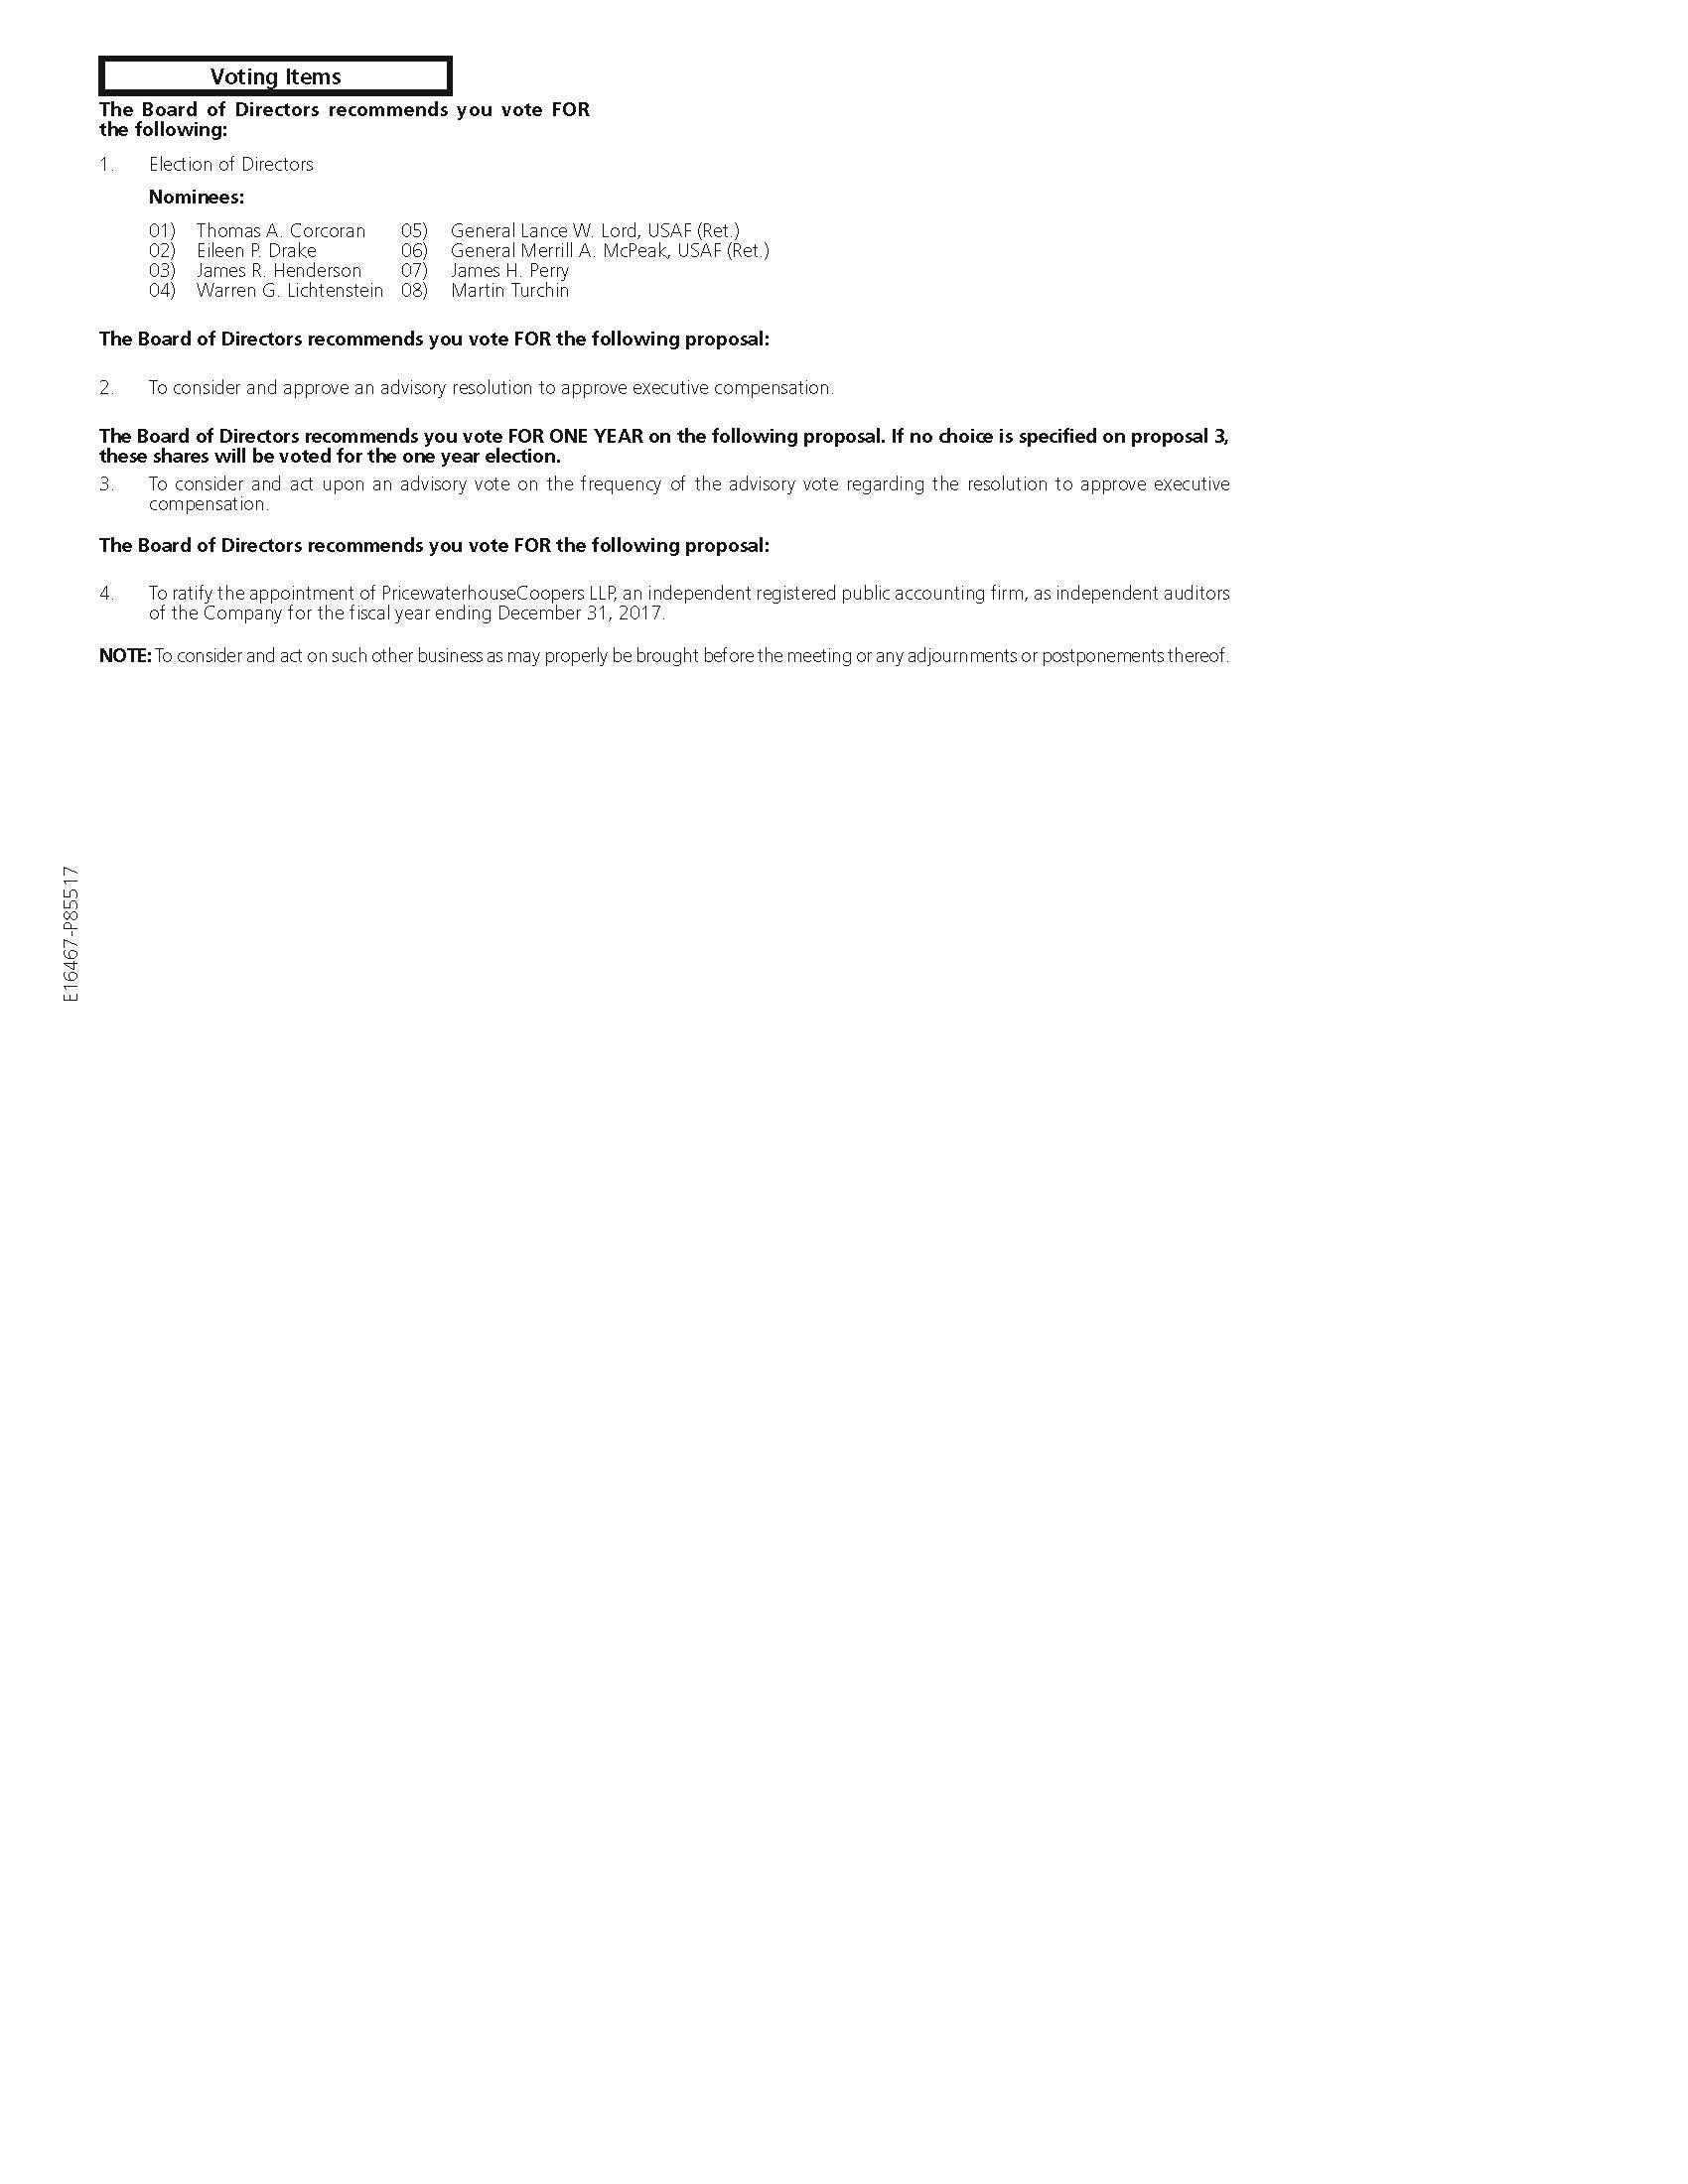 AEROJETROCKETDYNEHOLDINGS02.JPG